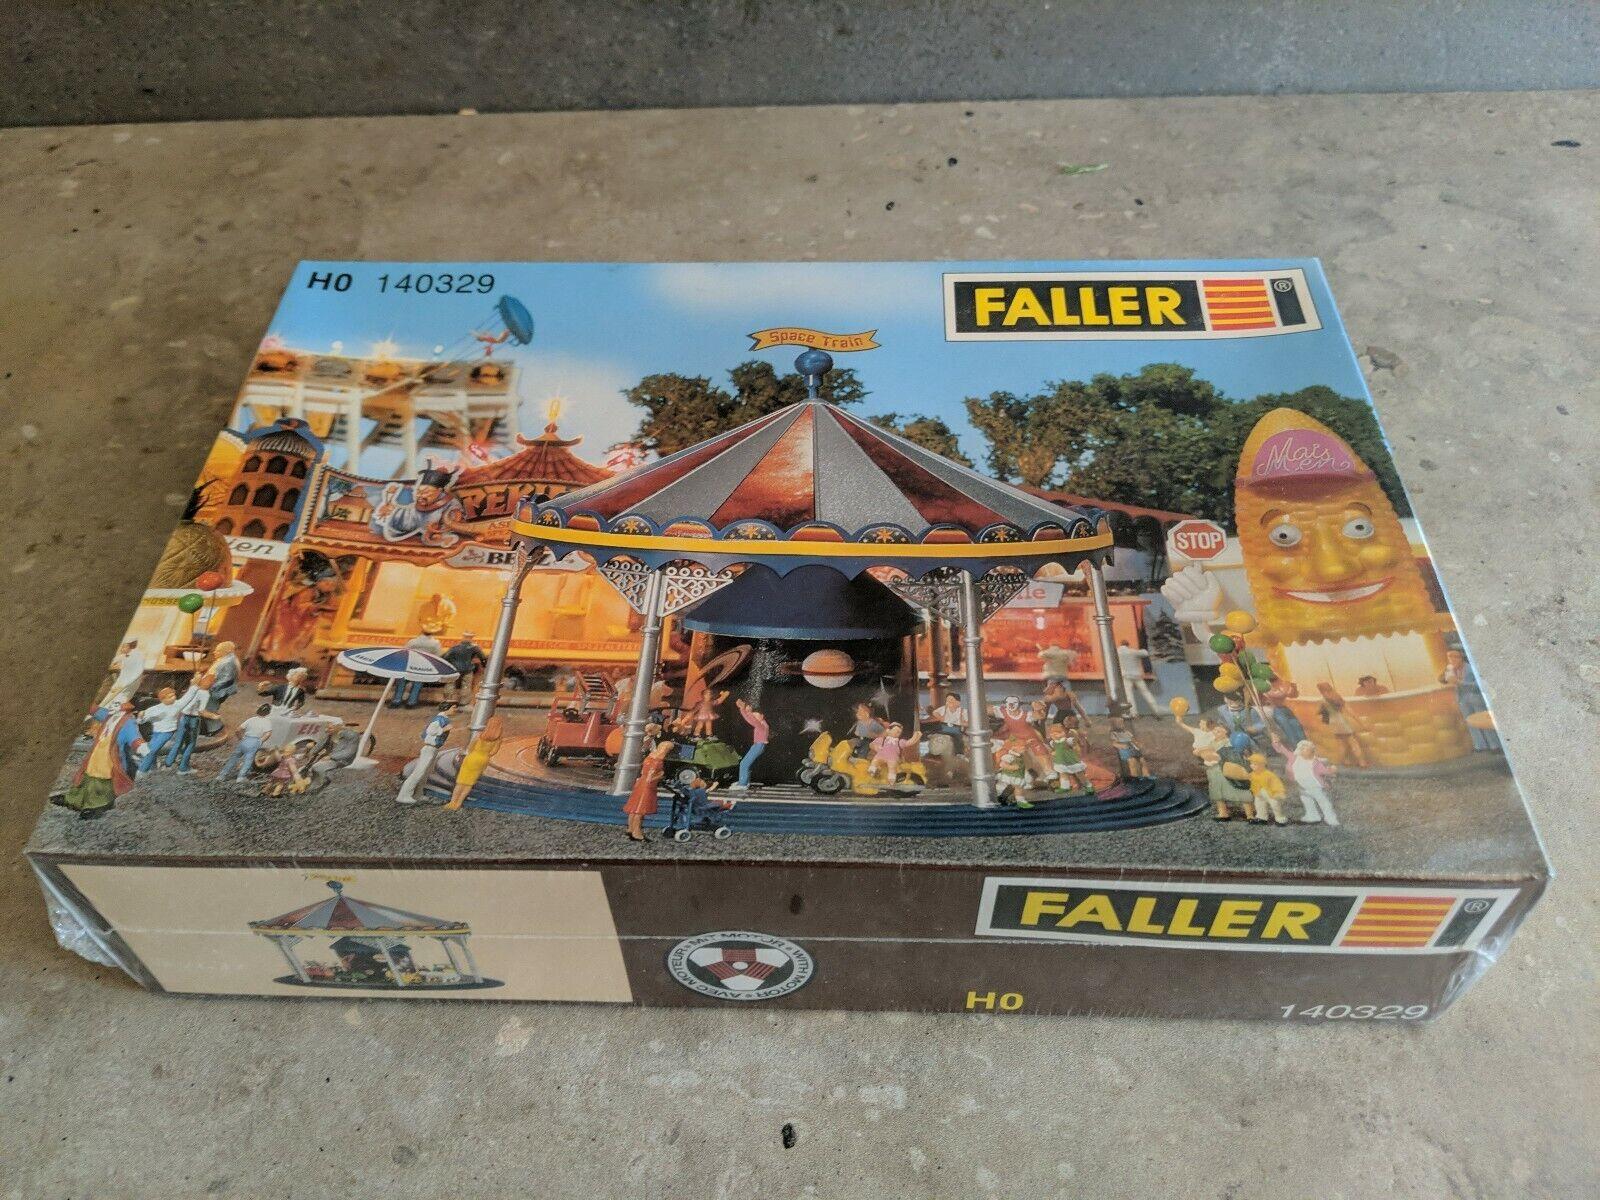 Faller Kinderkarussel H0 Spielzeug Jahrmarkt Kirmes Rummel Karussell OVP  12